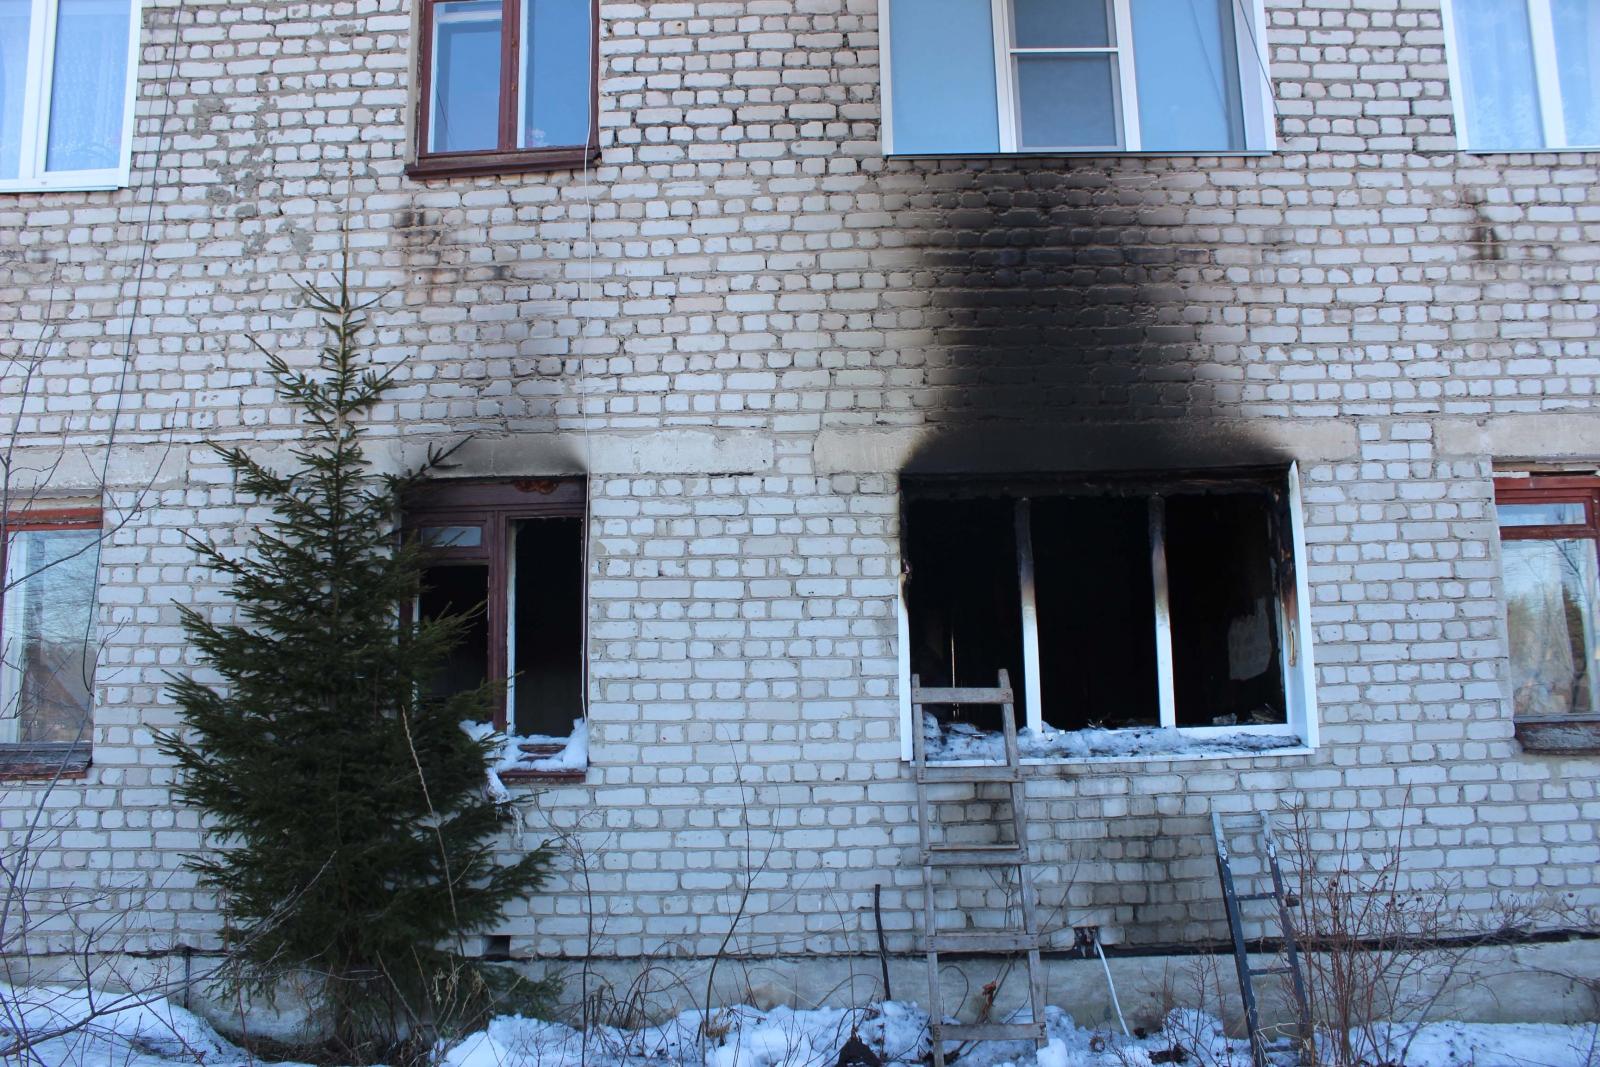 В Котельничском районе проводится доследственная проверка по факту гибели на пожаре трех человек.